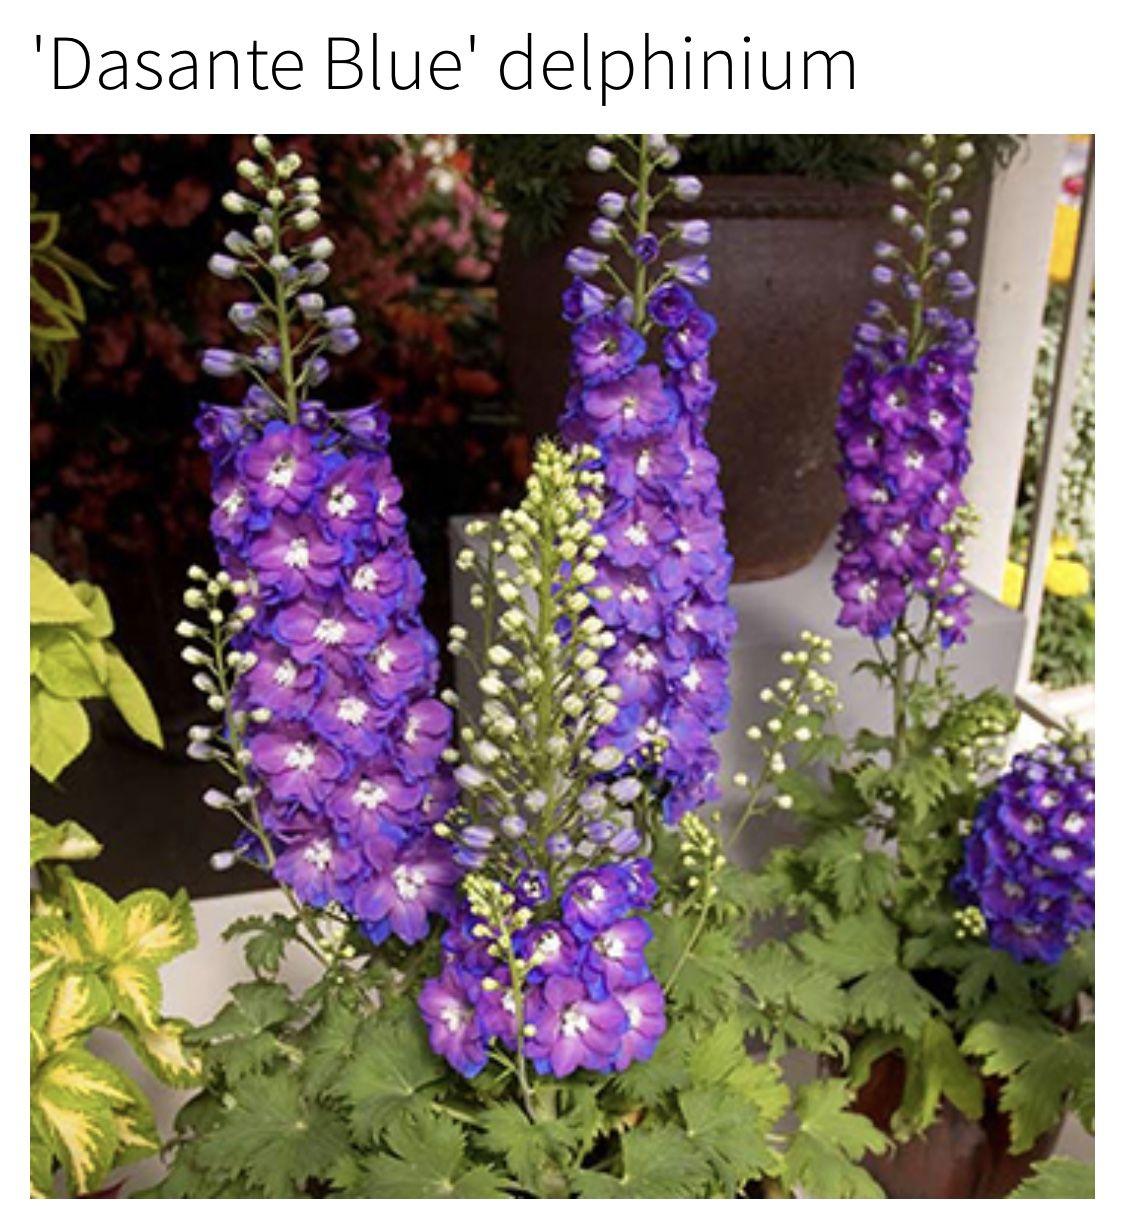 Dasante Blue Delphinium Credit Bhg Com With Images